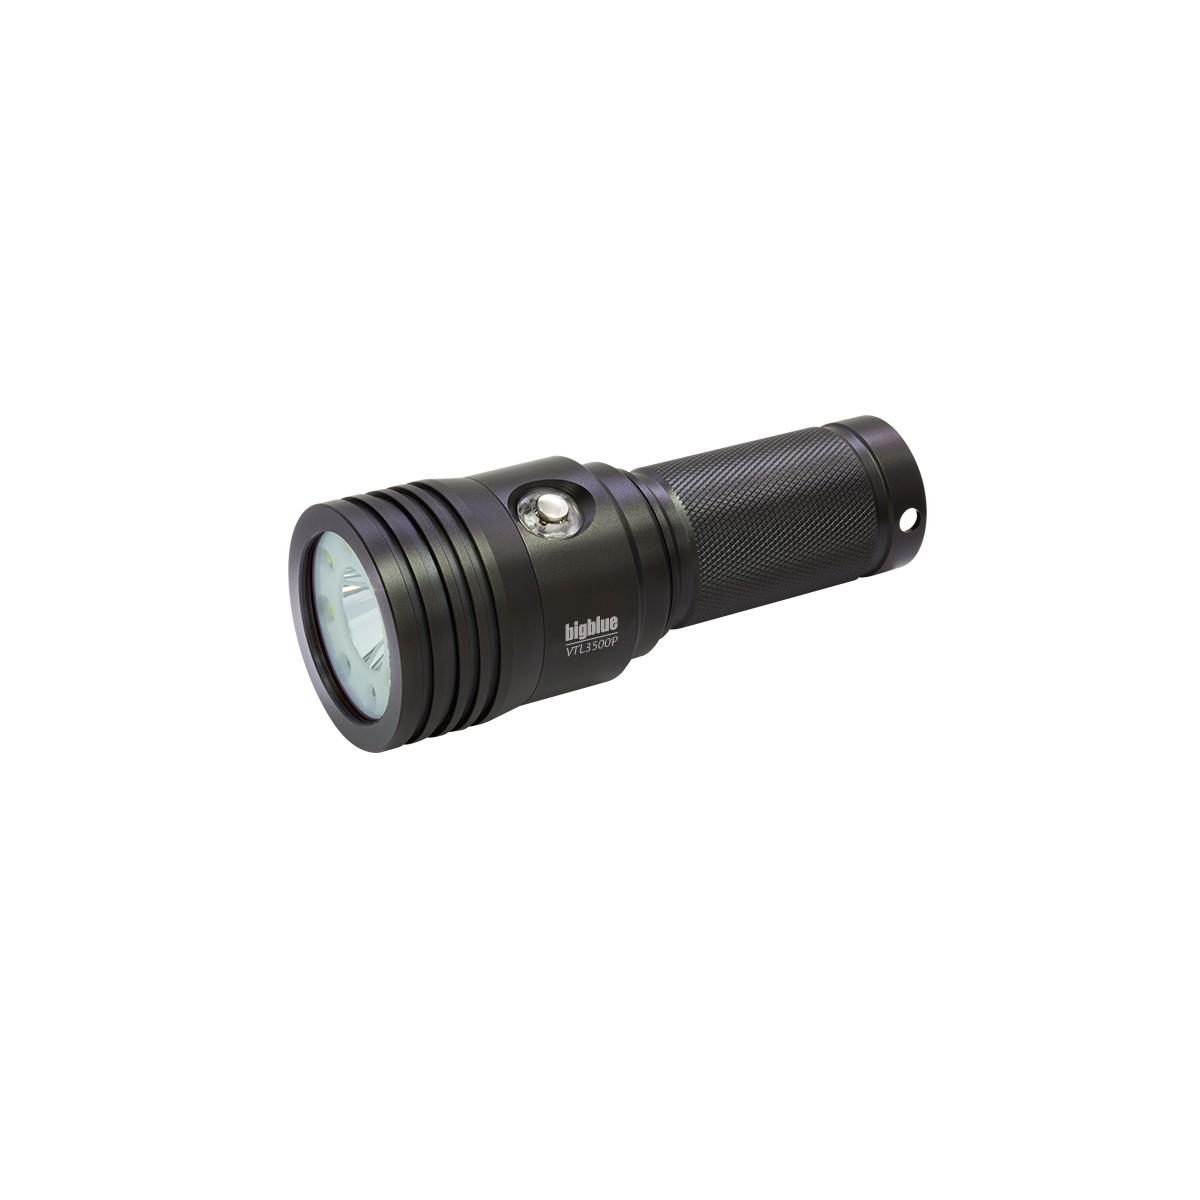 Bigblue 3500 Lumen Dual Beam Light - Video + Tech (VTL3500P)